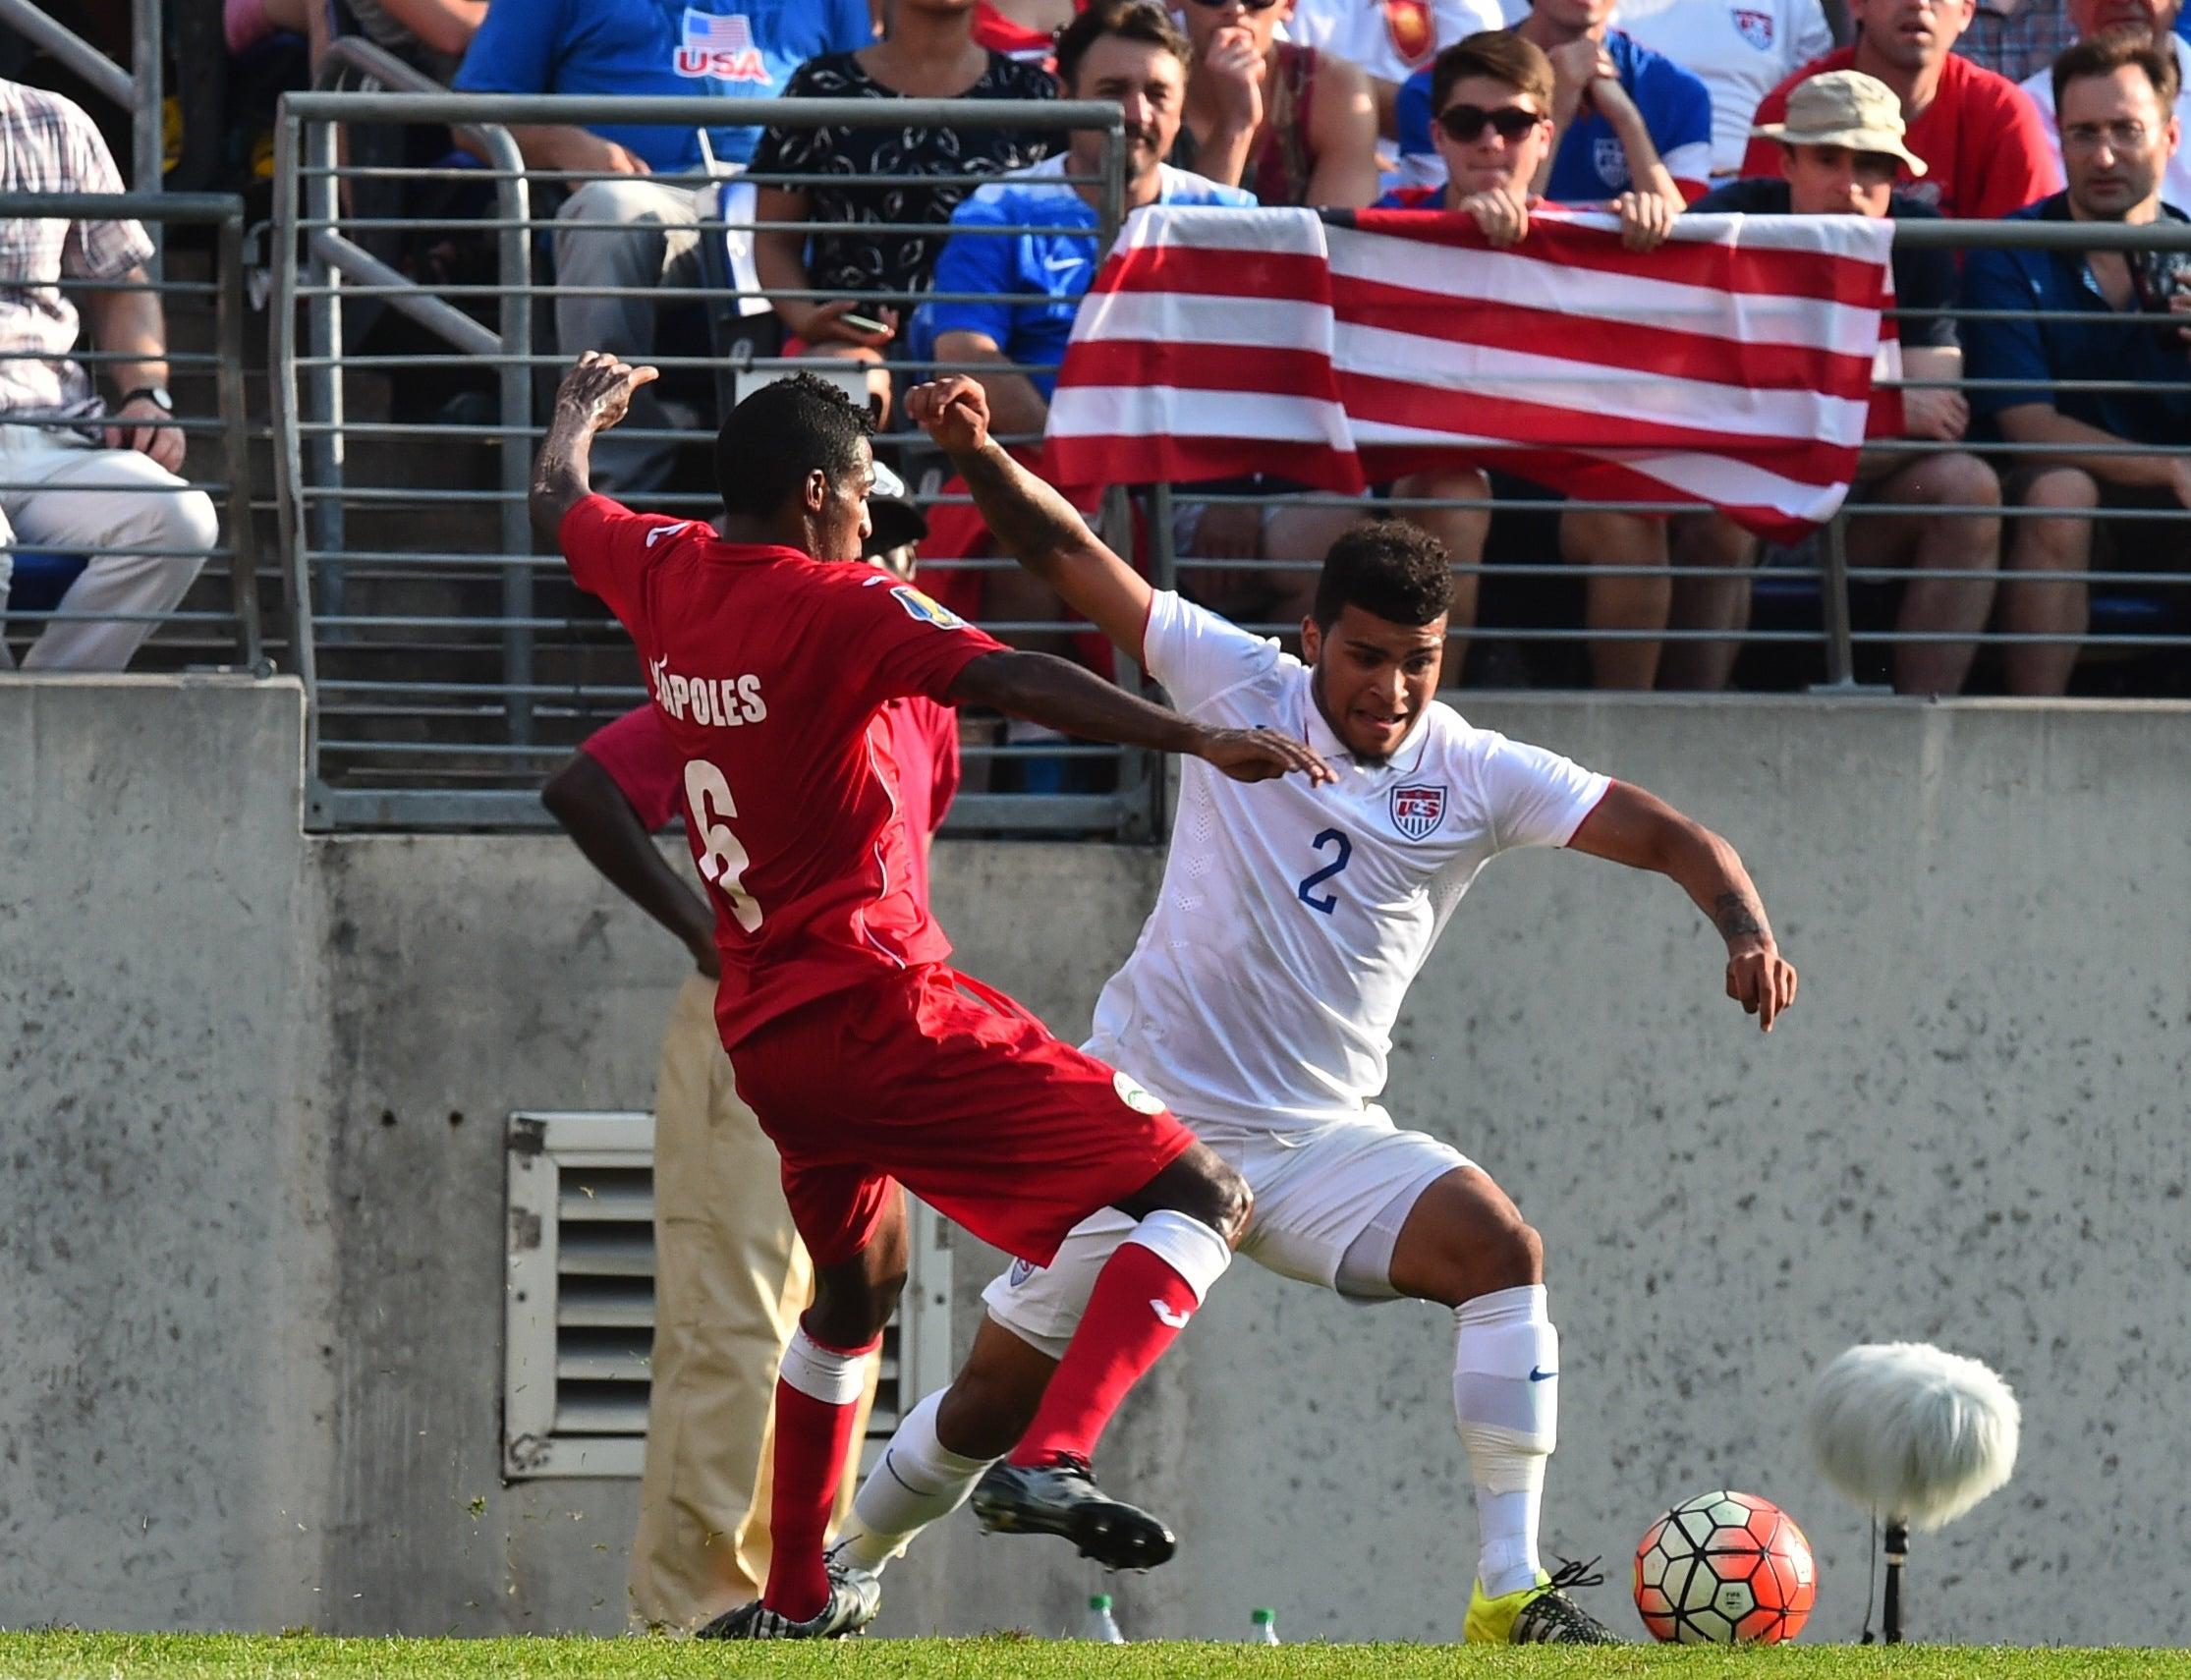 EEUU apabulla a Cuba 6-0 y es semifinalista de la Copa Oro